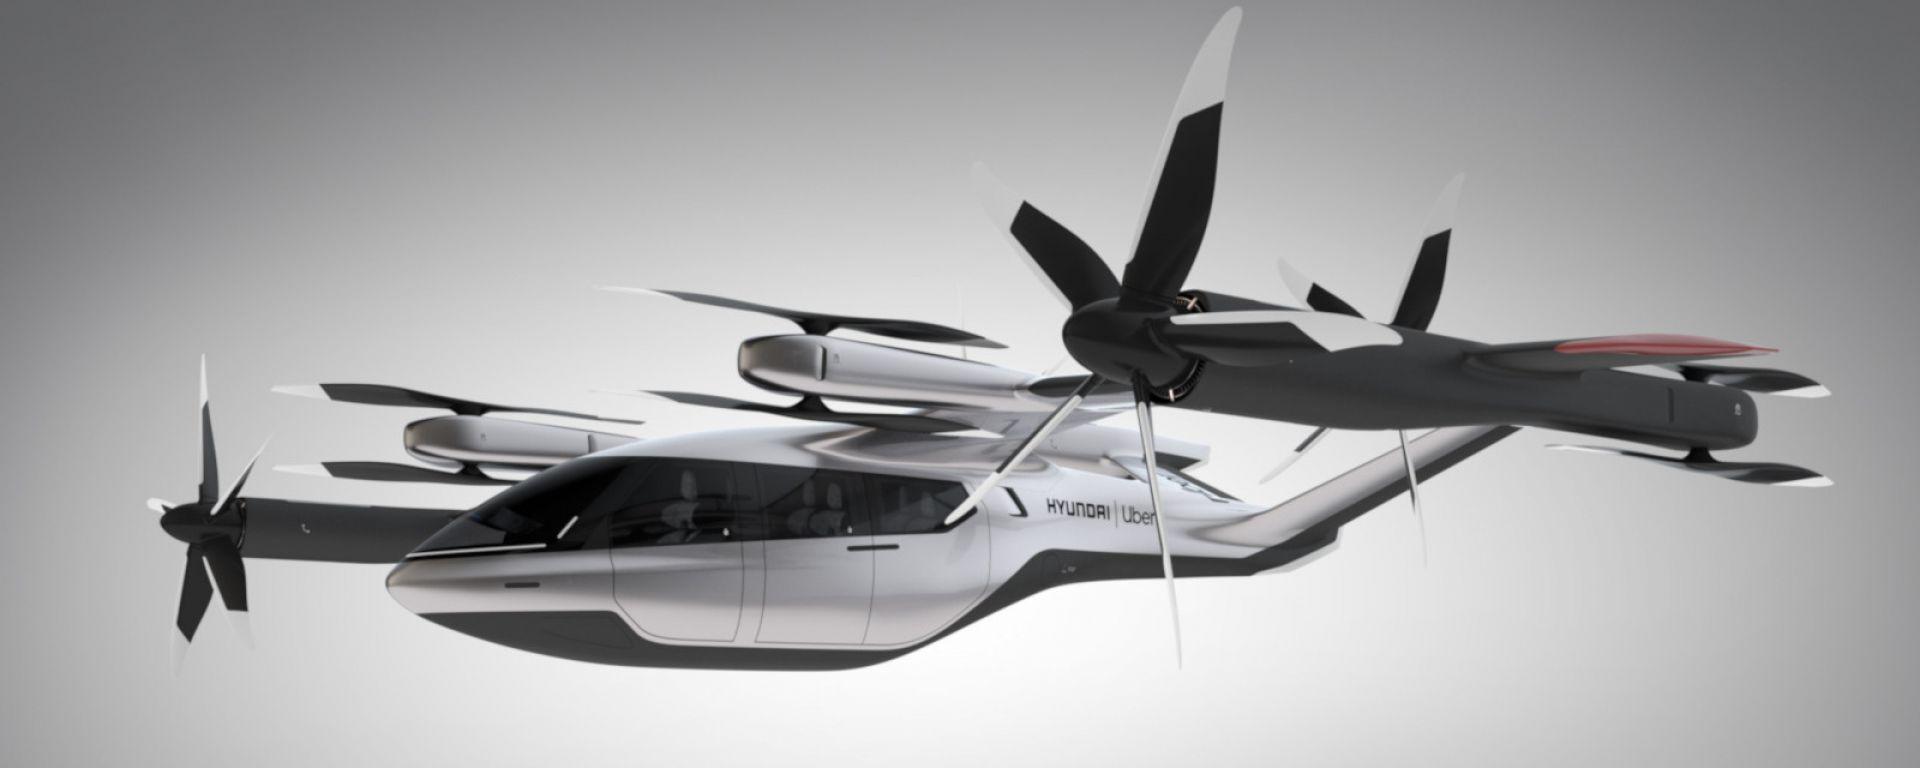 Hyundai: l'auto volante in partnership con Uber presentata al CES 2020